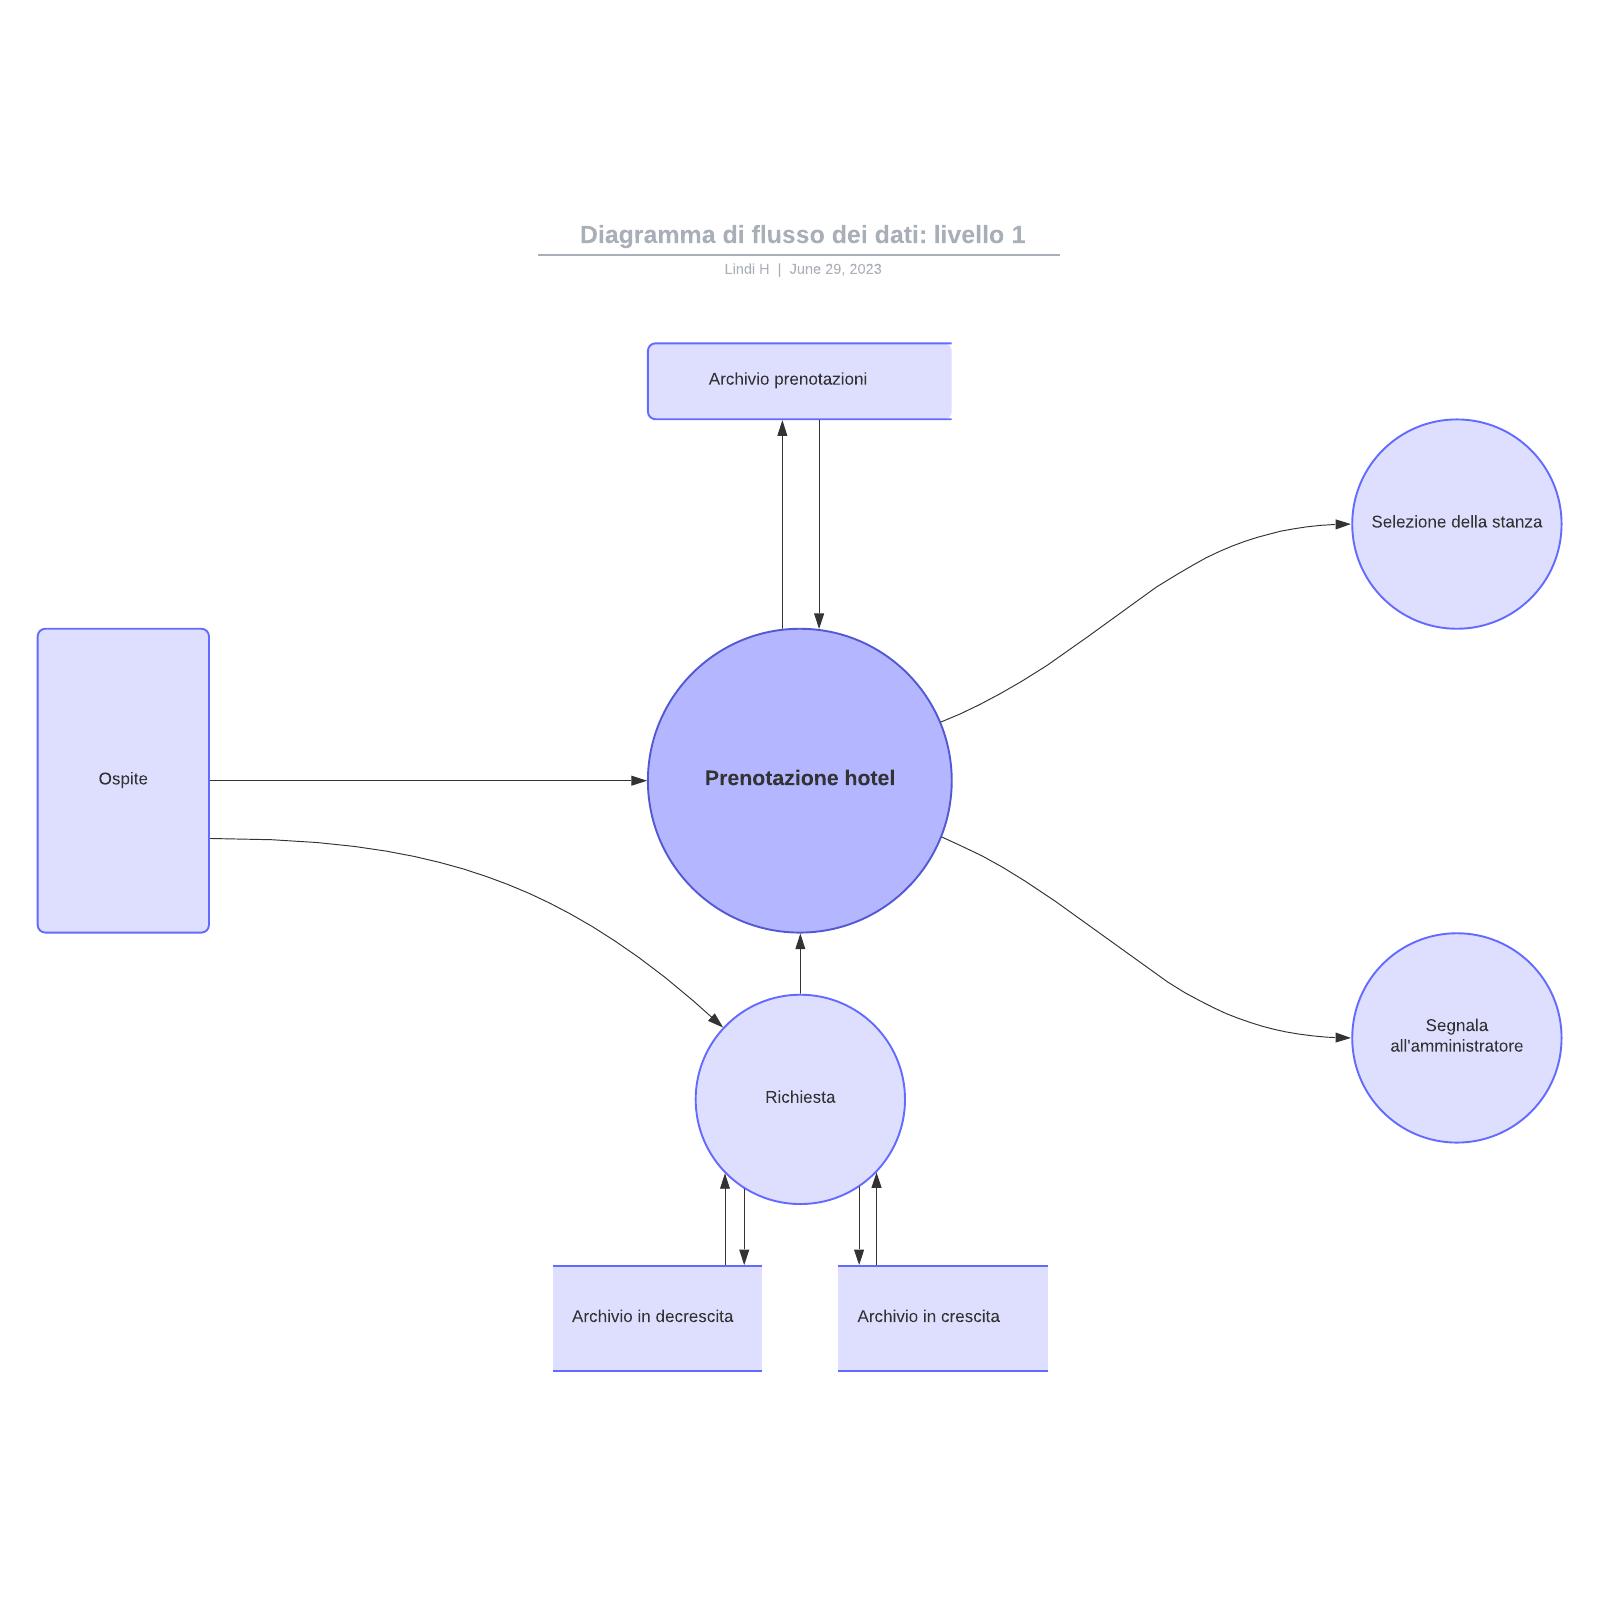 Diagramma di flusso dei dati: livello 1